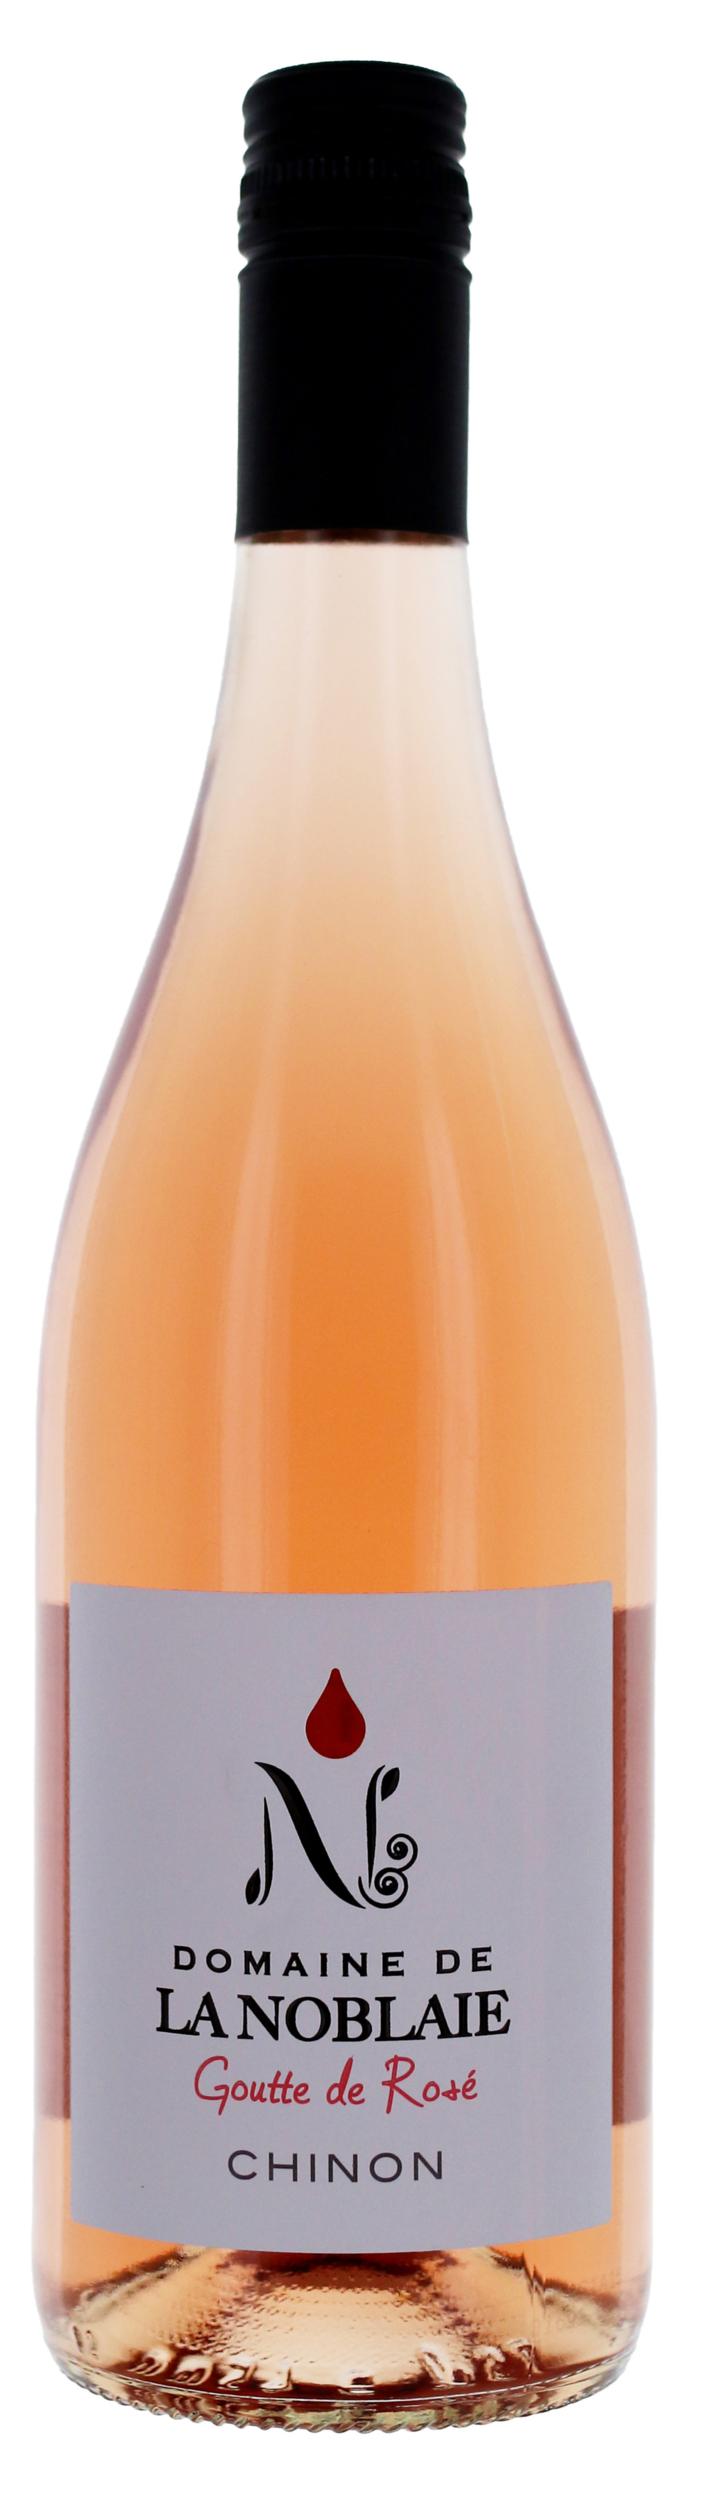 Chinon - Goutte de Rosé - Domaine de la Noblaie - 2019 - BIO